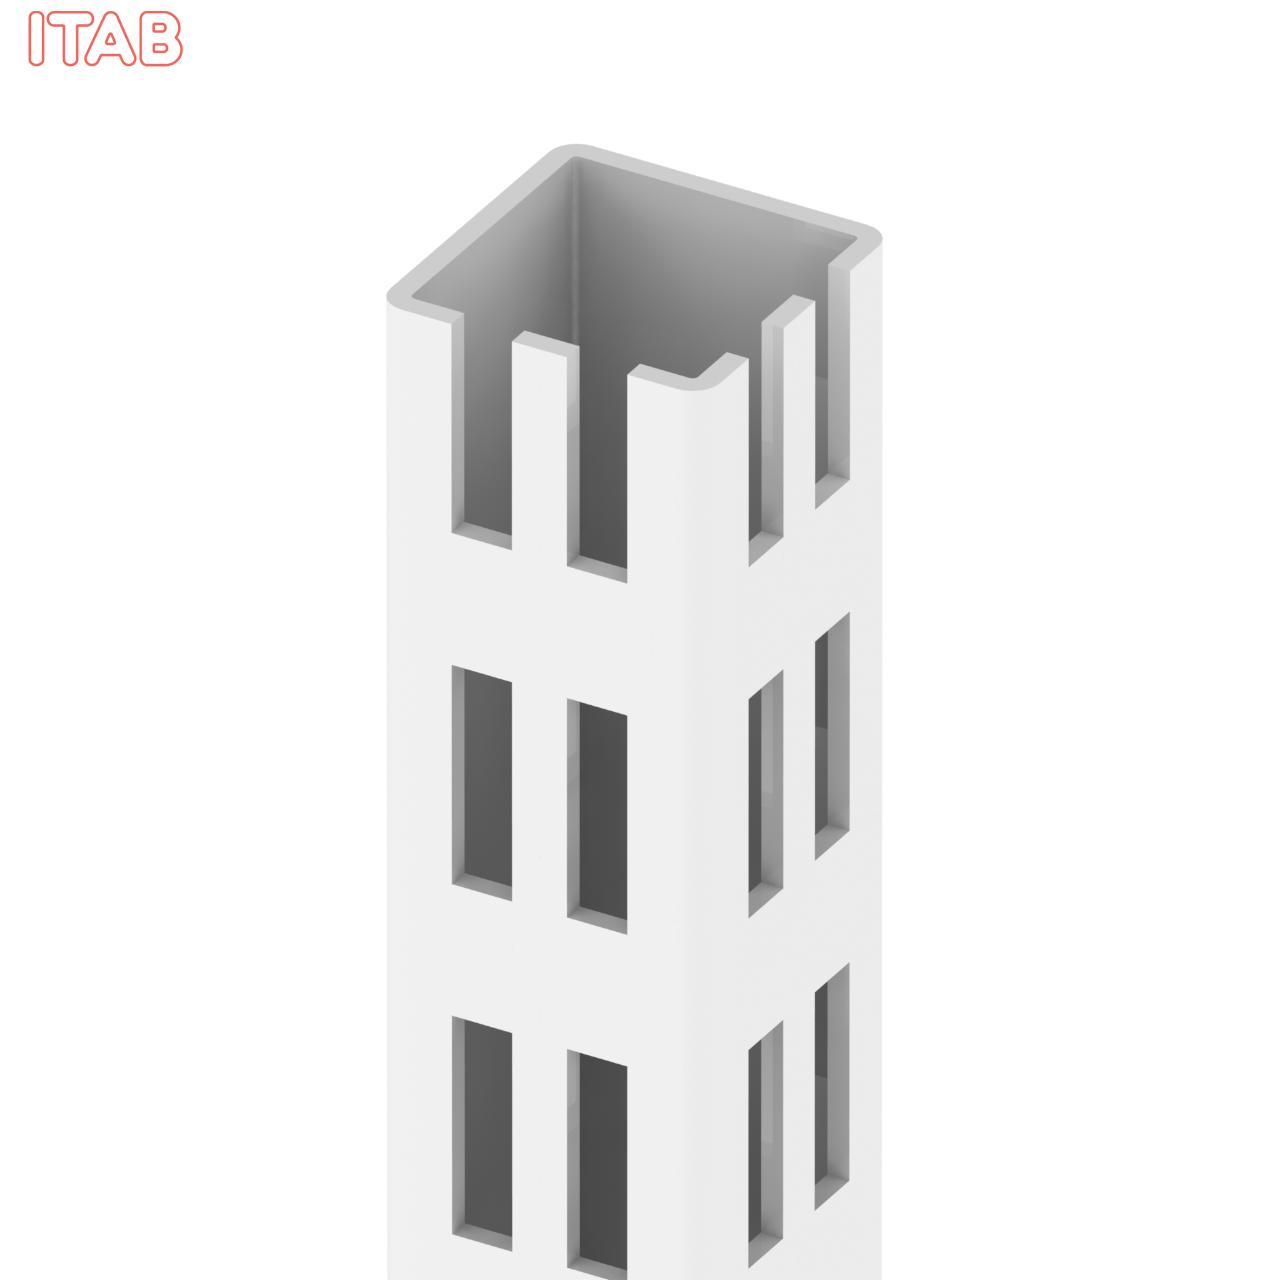 Kulmasäätöputki + Tallat 30x30x232